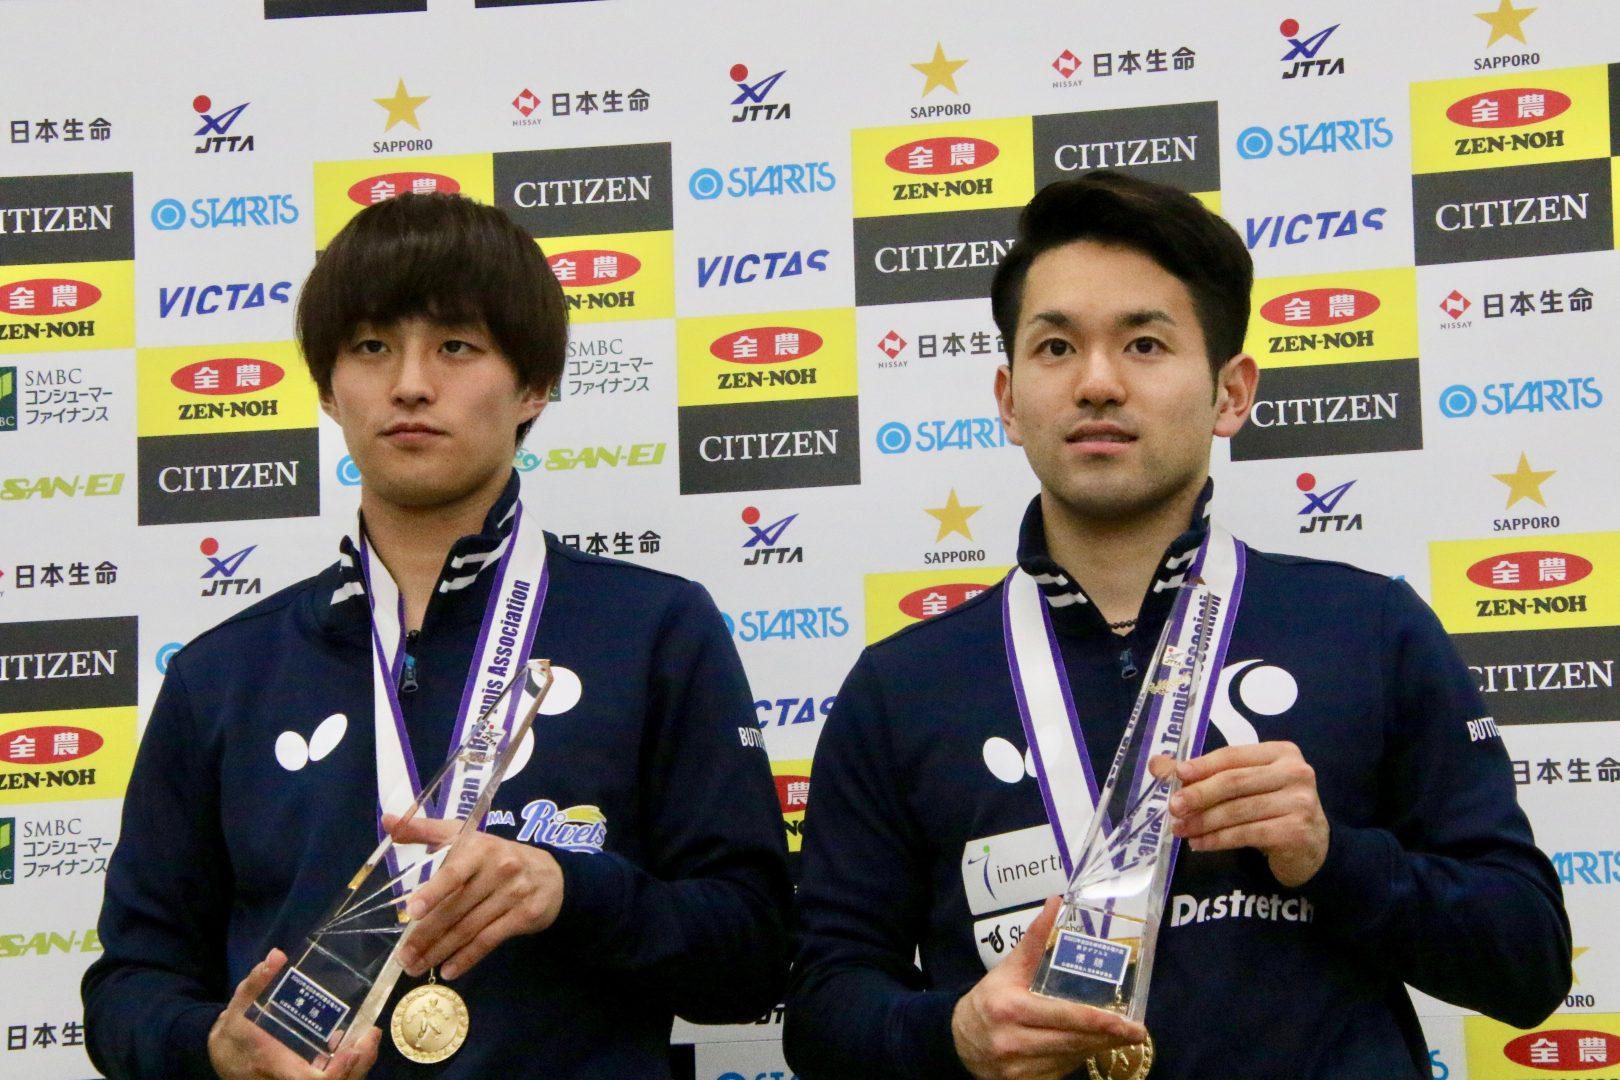 【完全保存版】激闘の7日間を写真で振り返る 男子ダブルス編<全日本卓球2020>